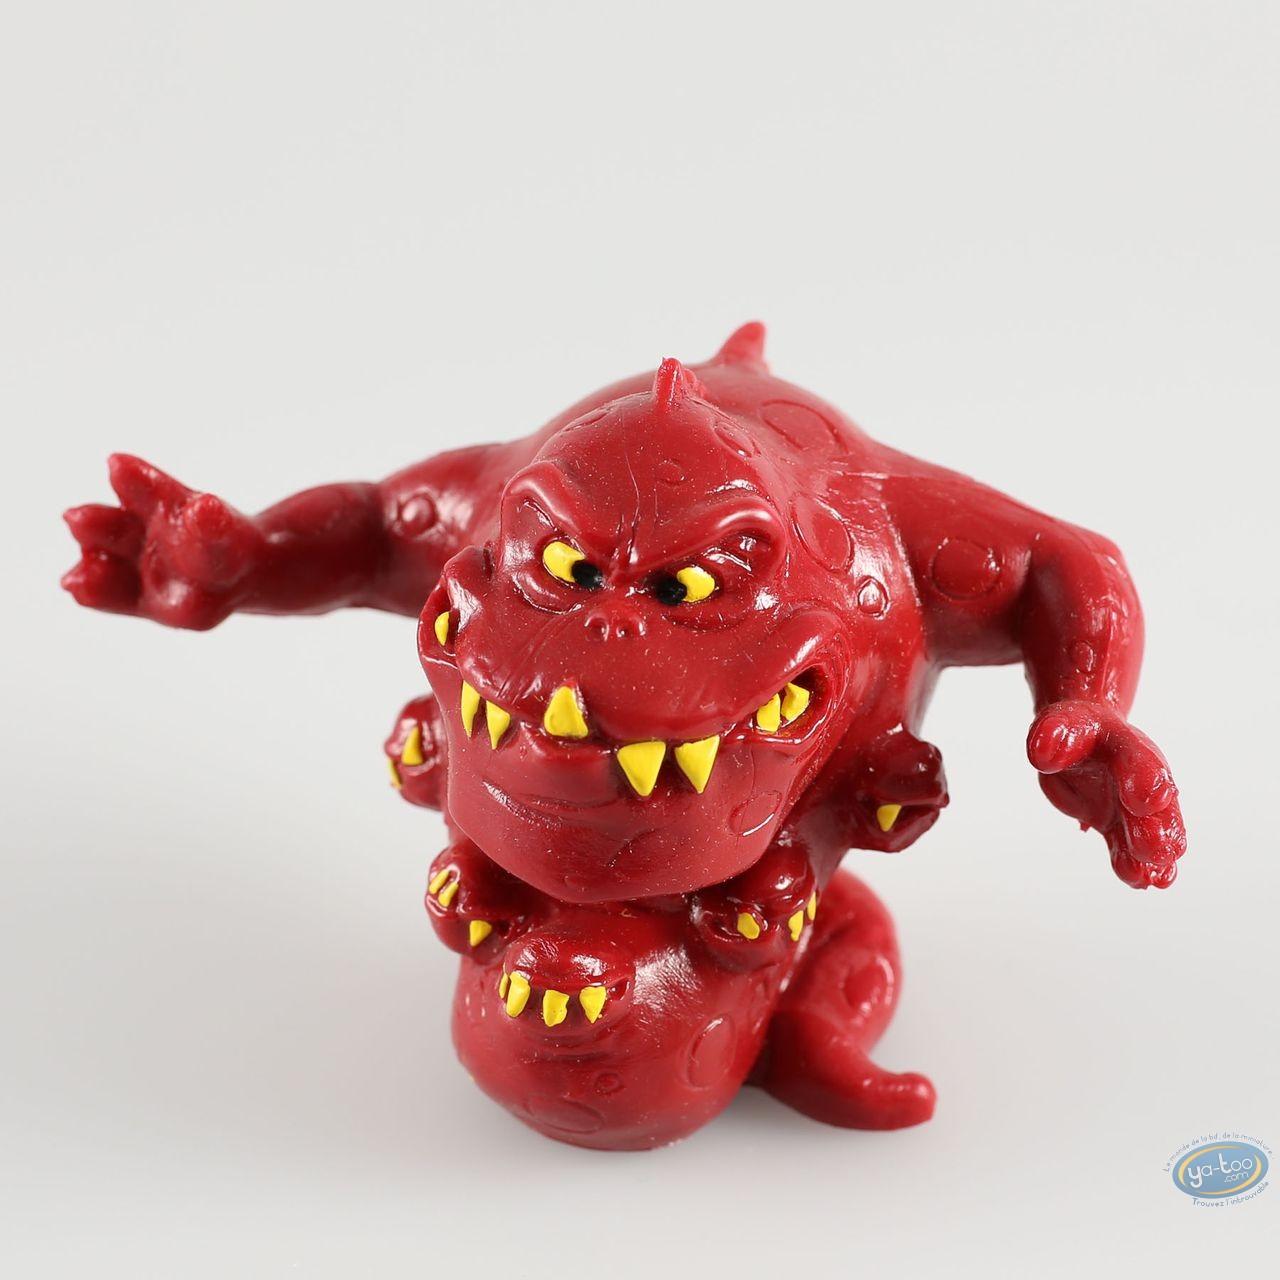 Figurine plastique, Snorkies (Les) : Fang' monstre rouge